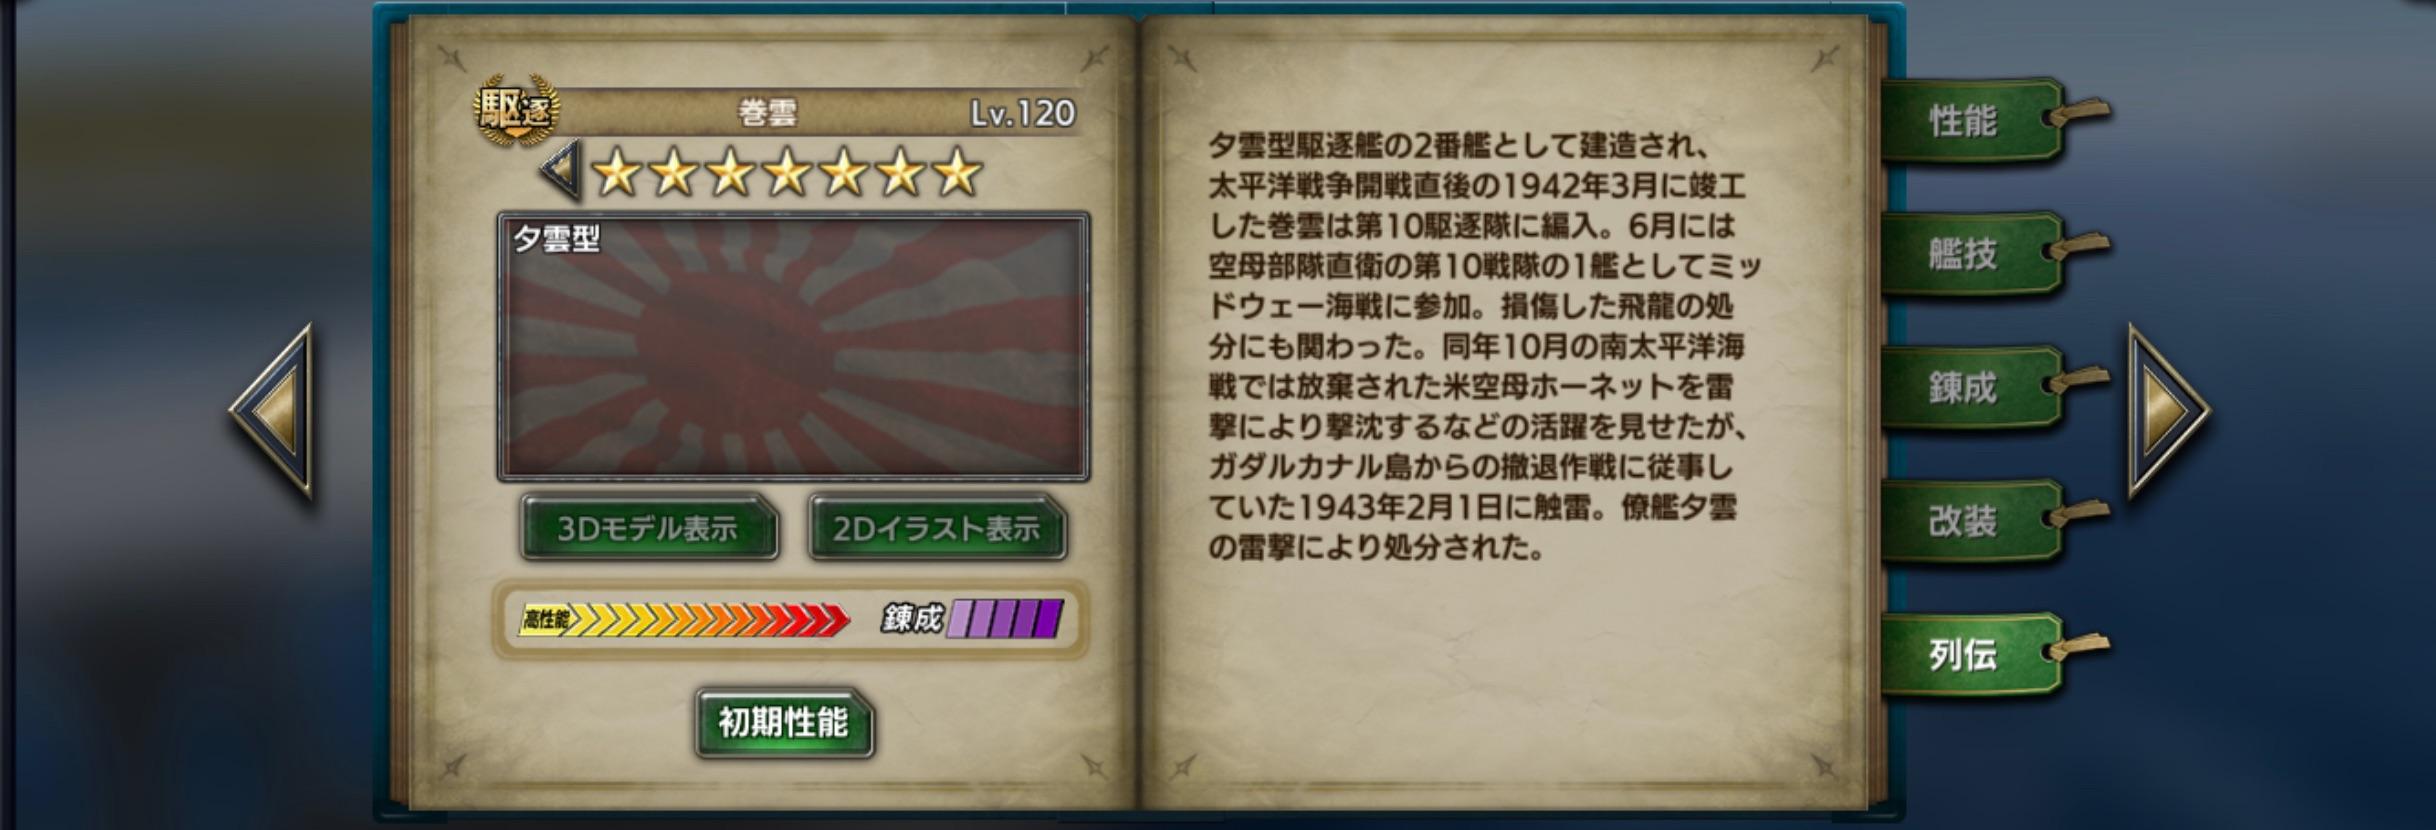 Makigumo-history